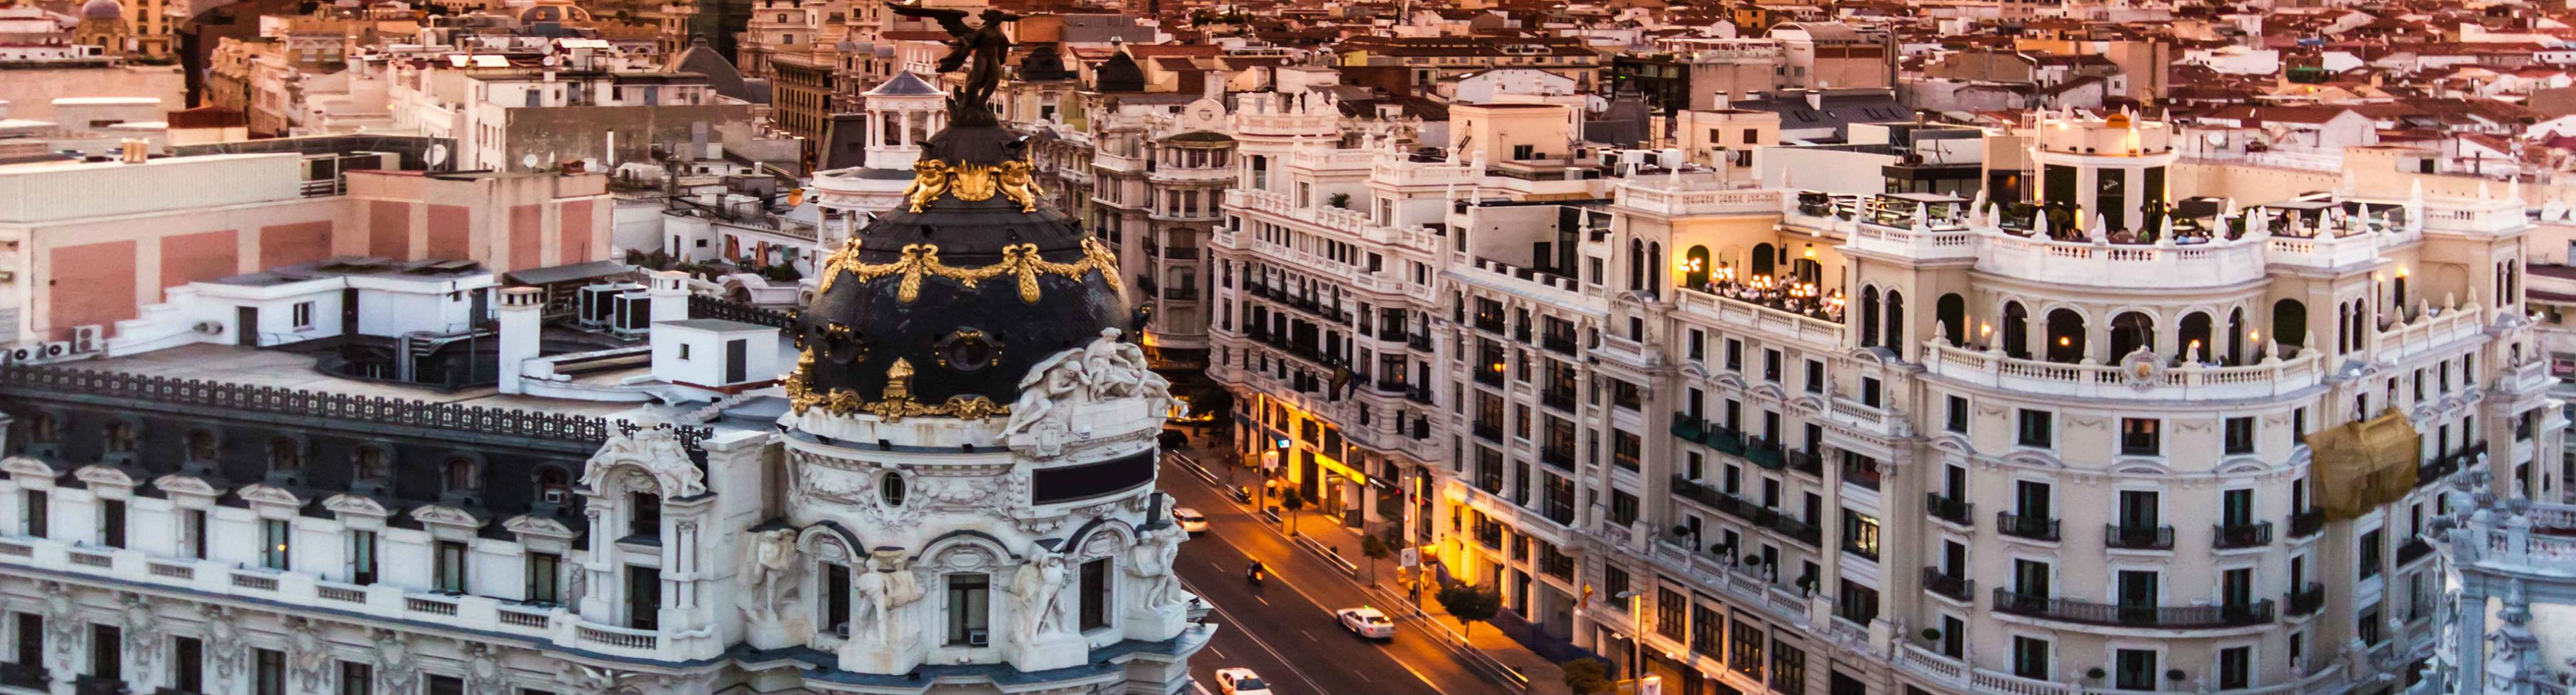 MADRID PRVI MAJ / USKRS